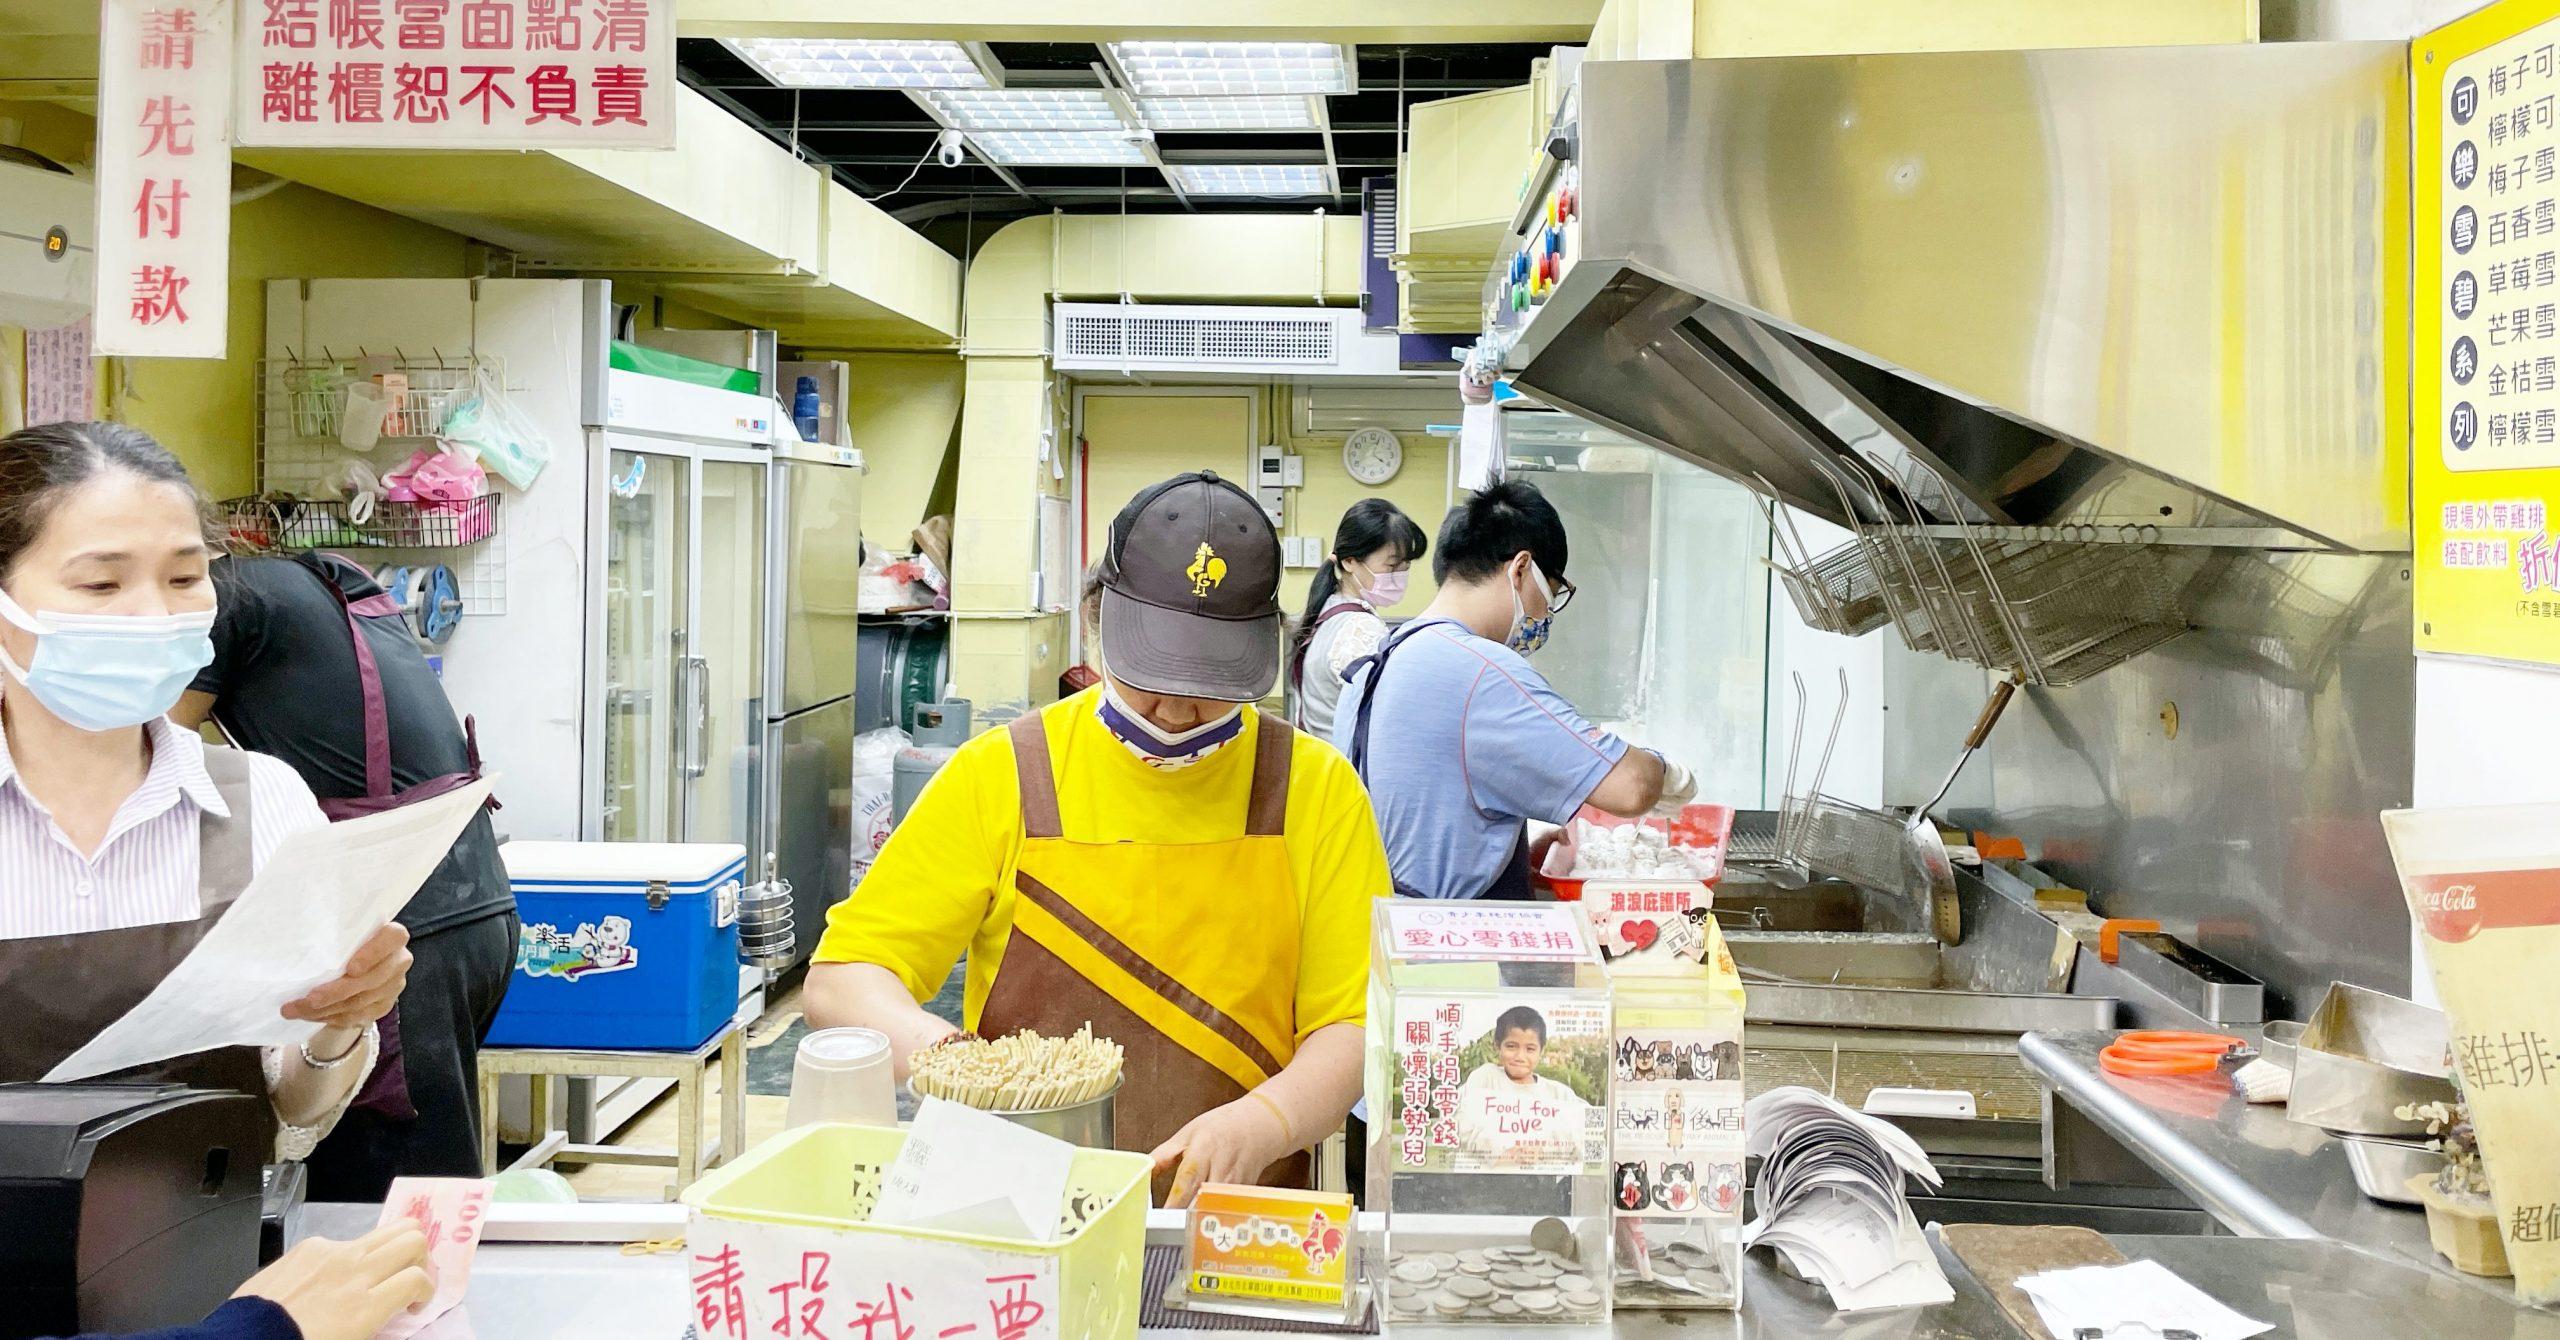 即時熱門文章:【台北小巨蛋美食】緯大雞排,雞排大塊又好吃(菜單)